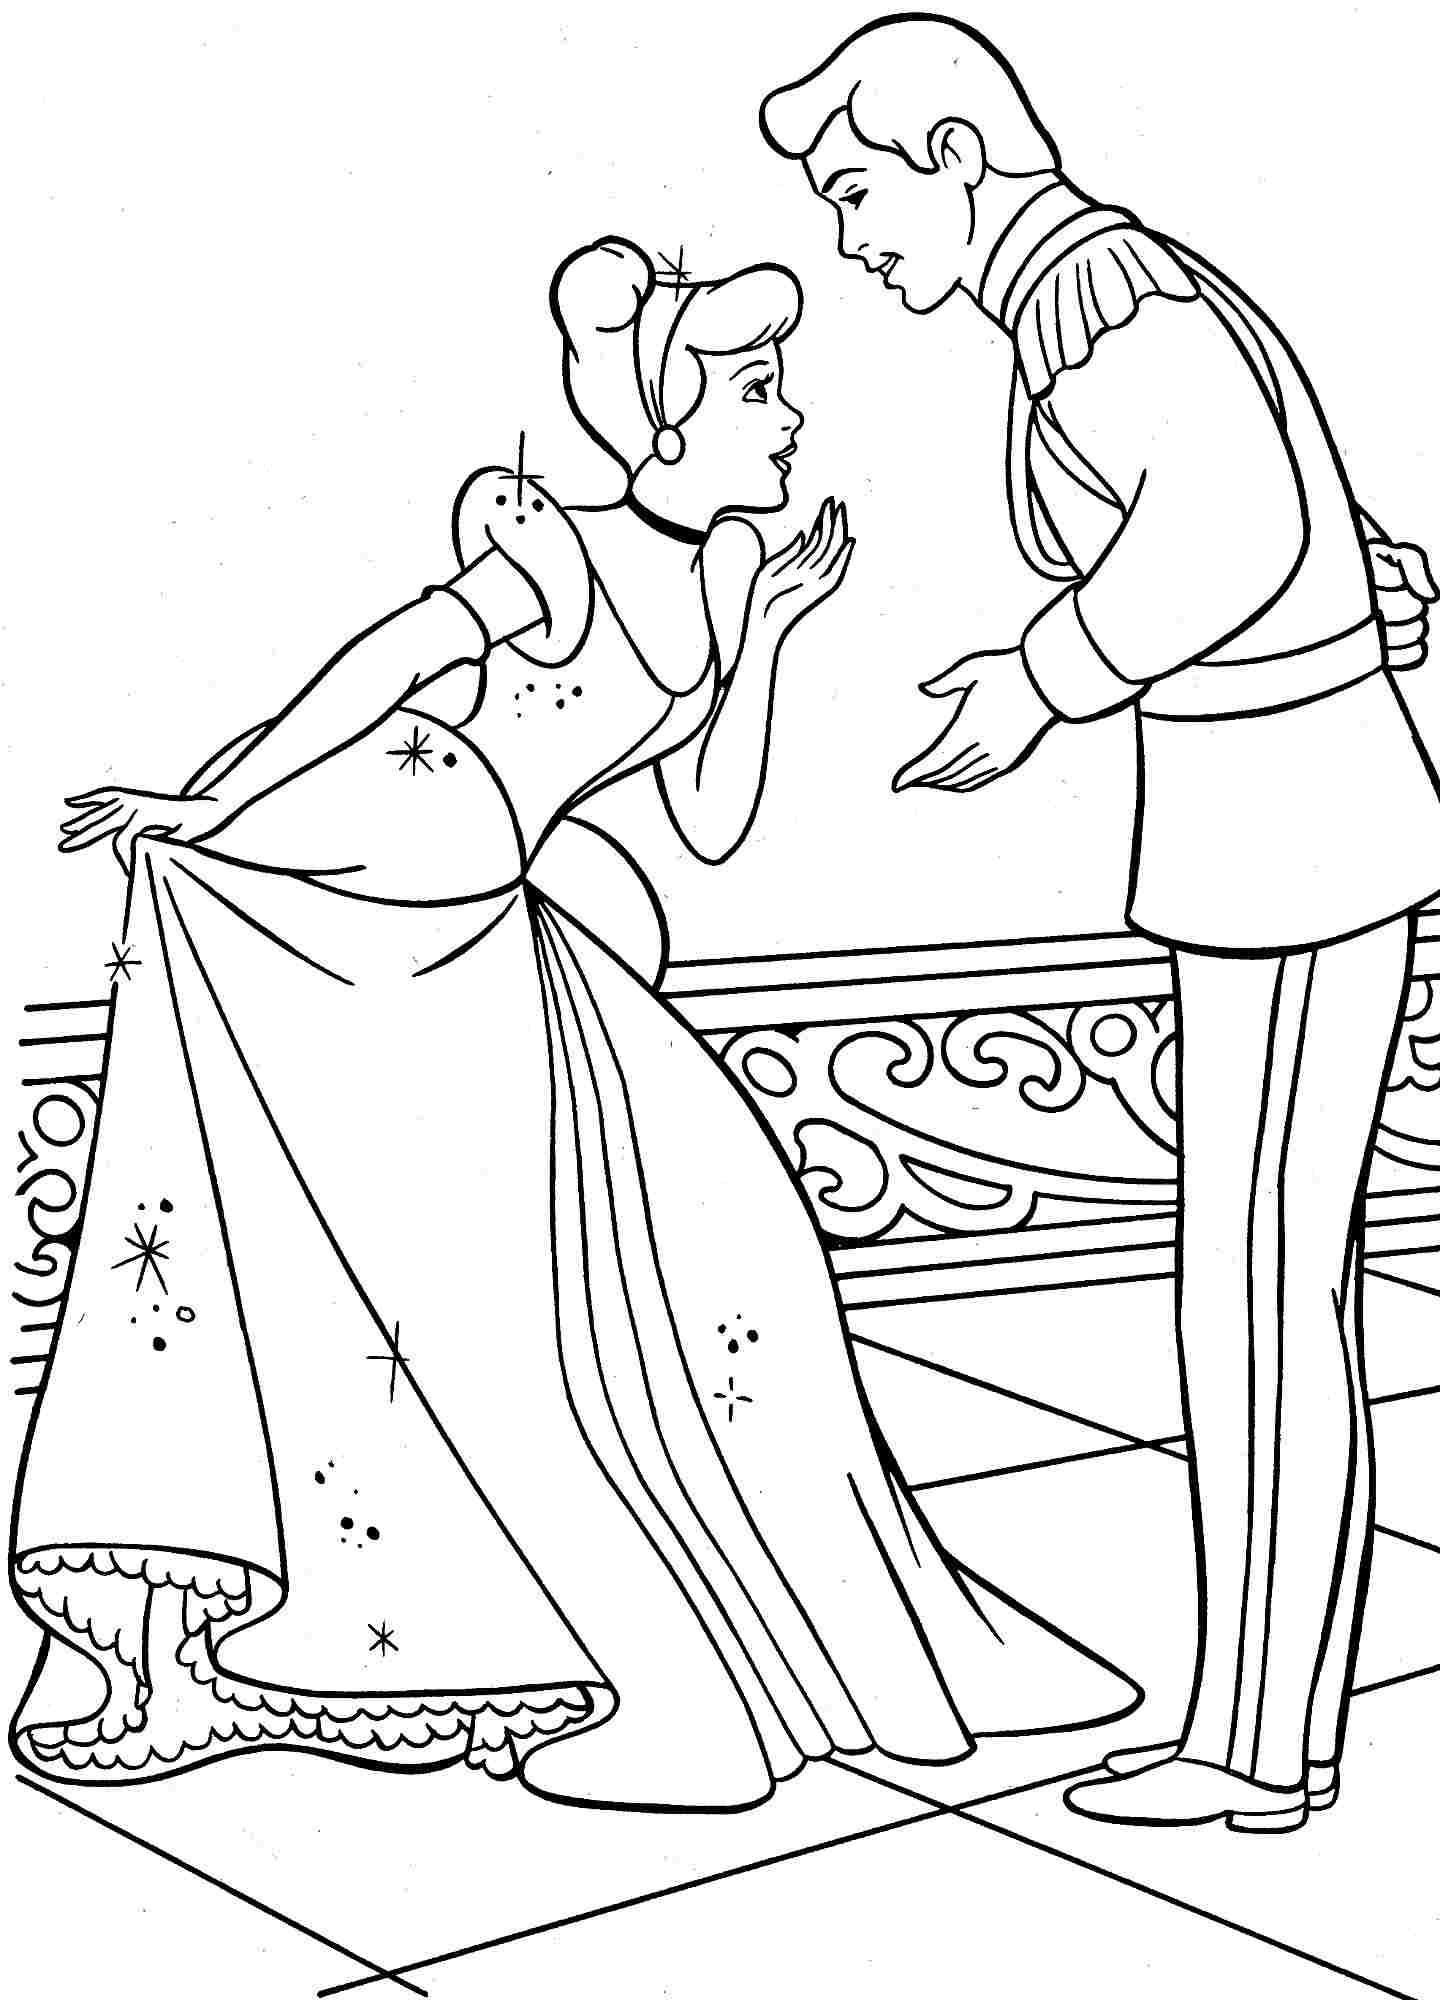 Tranh tô màu công chúa lọ lem và hoàng tử